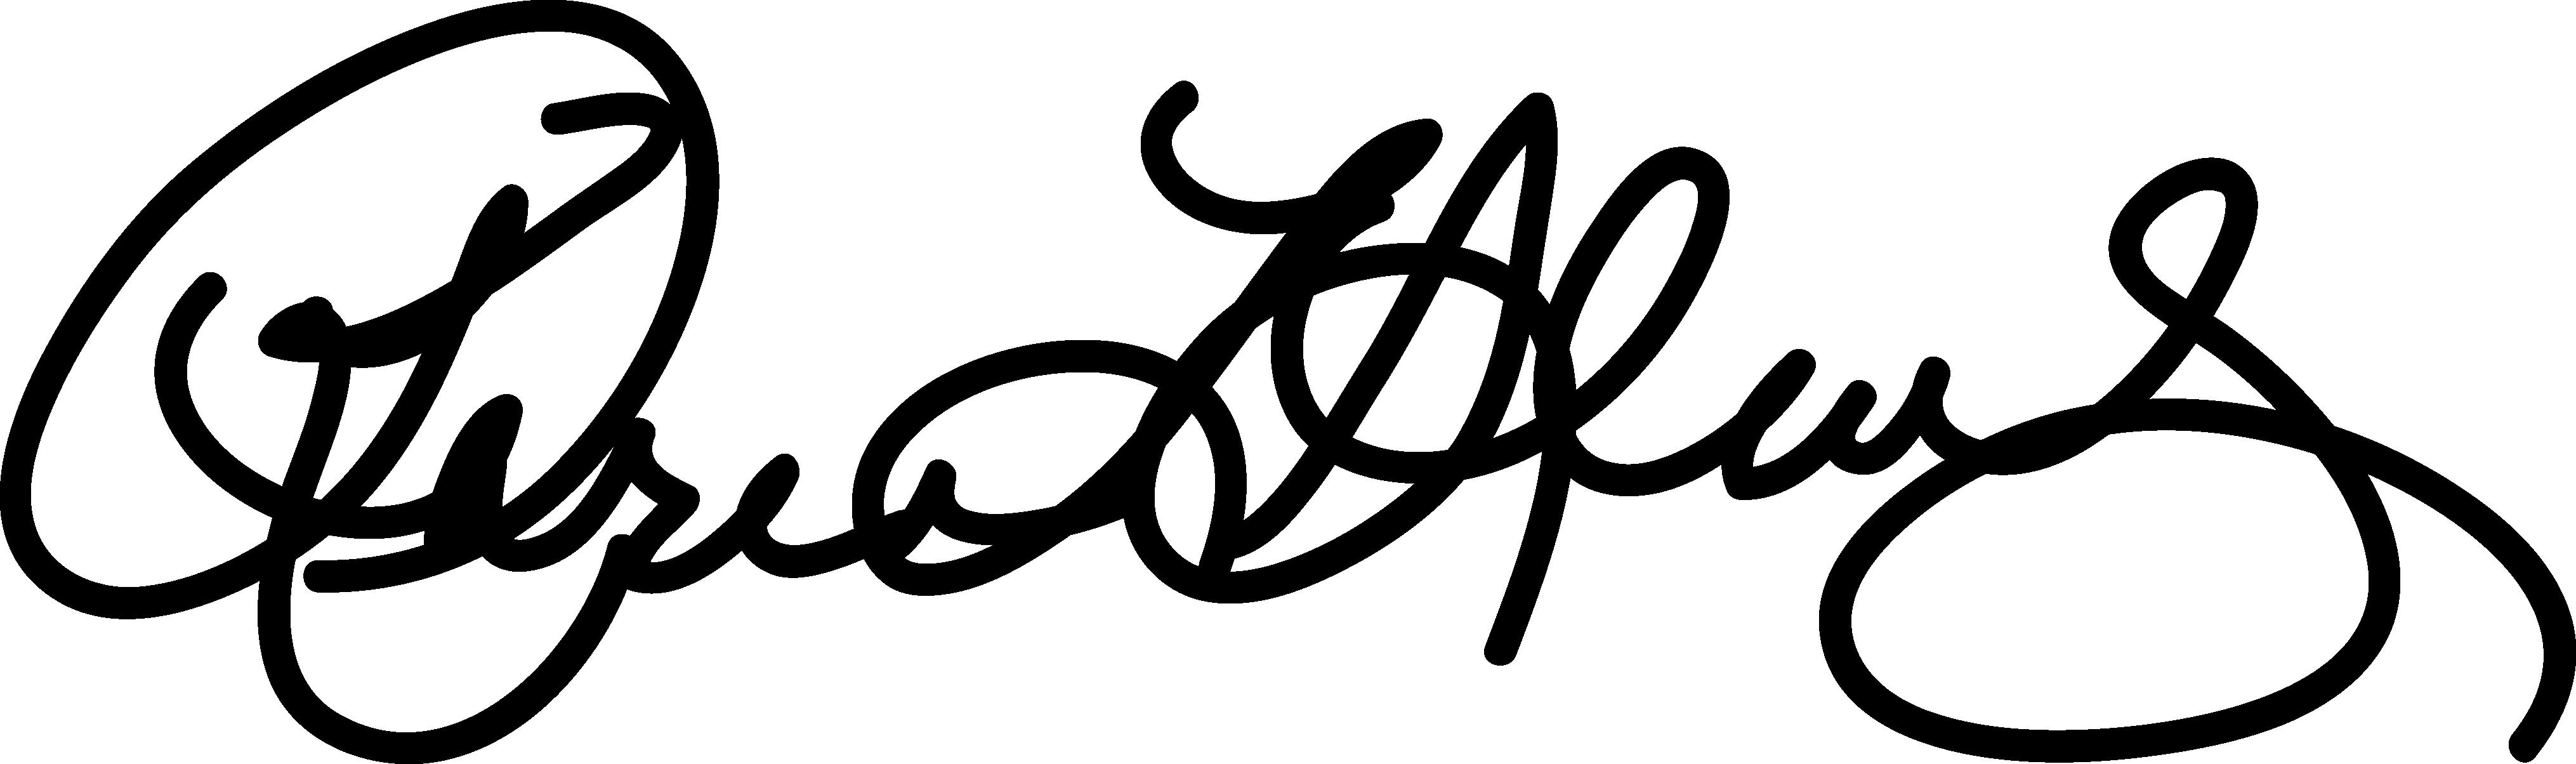 karen shultz' signature